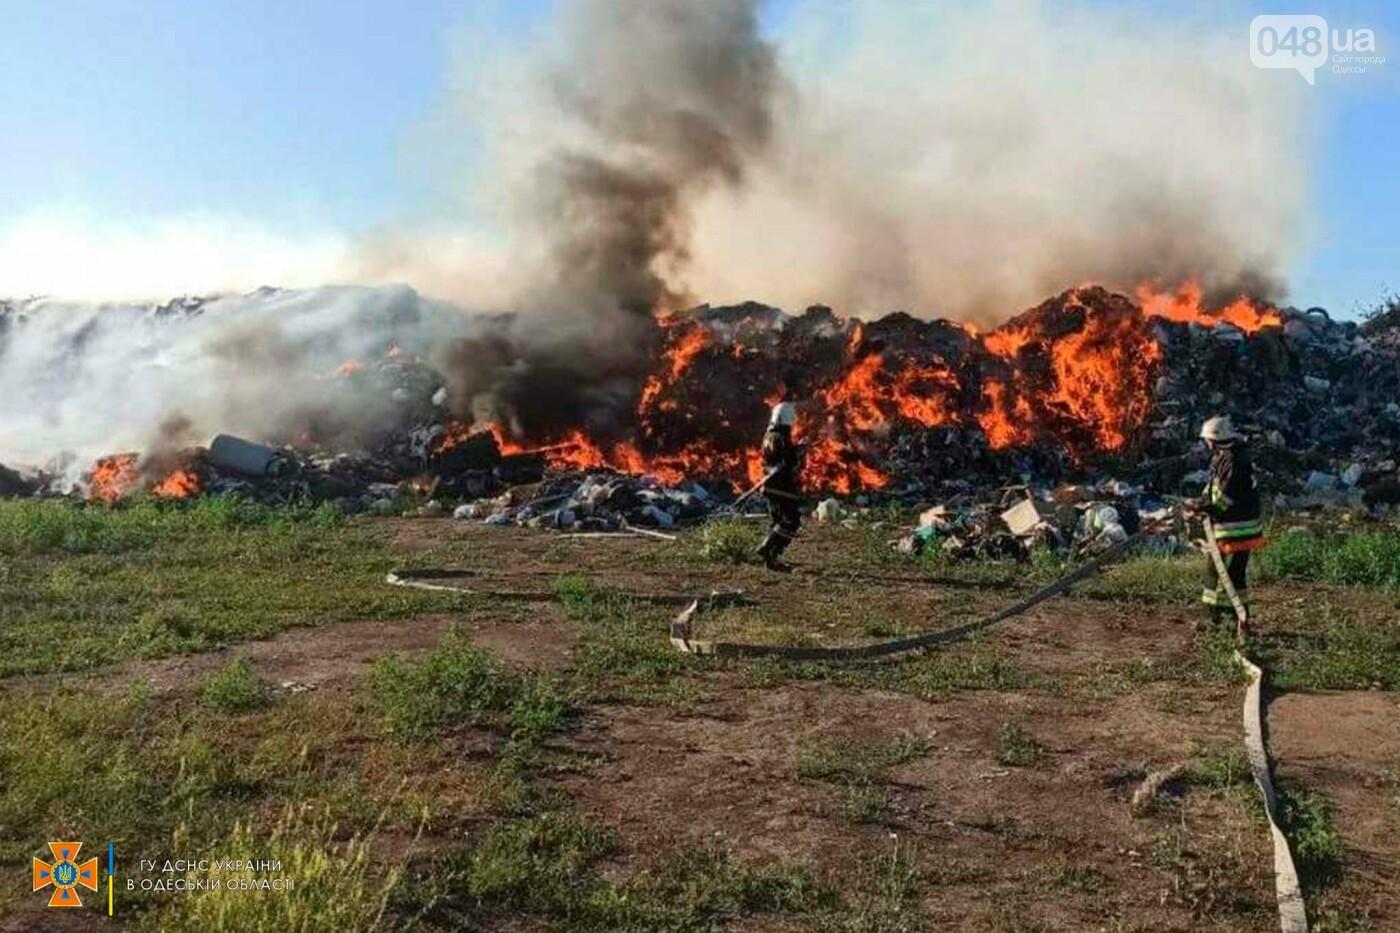 Пожарные 11 часов тушили свалку в одесской области,- ФОТО, фото-1